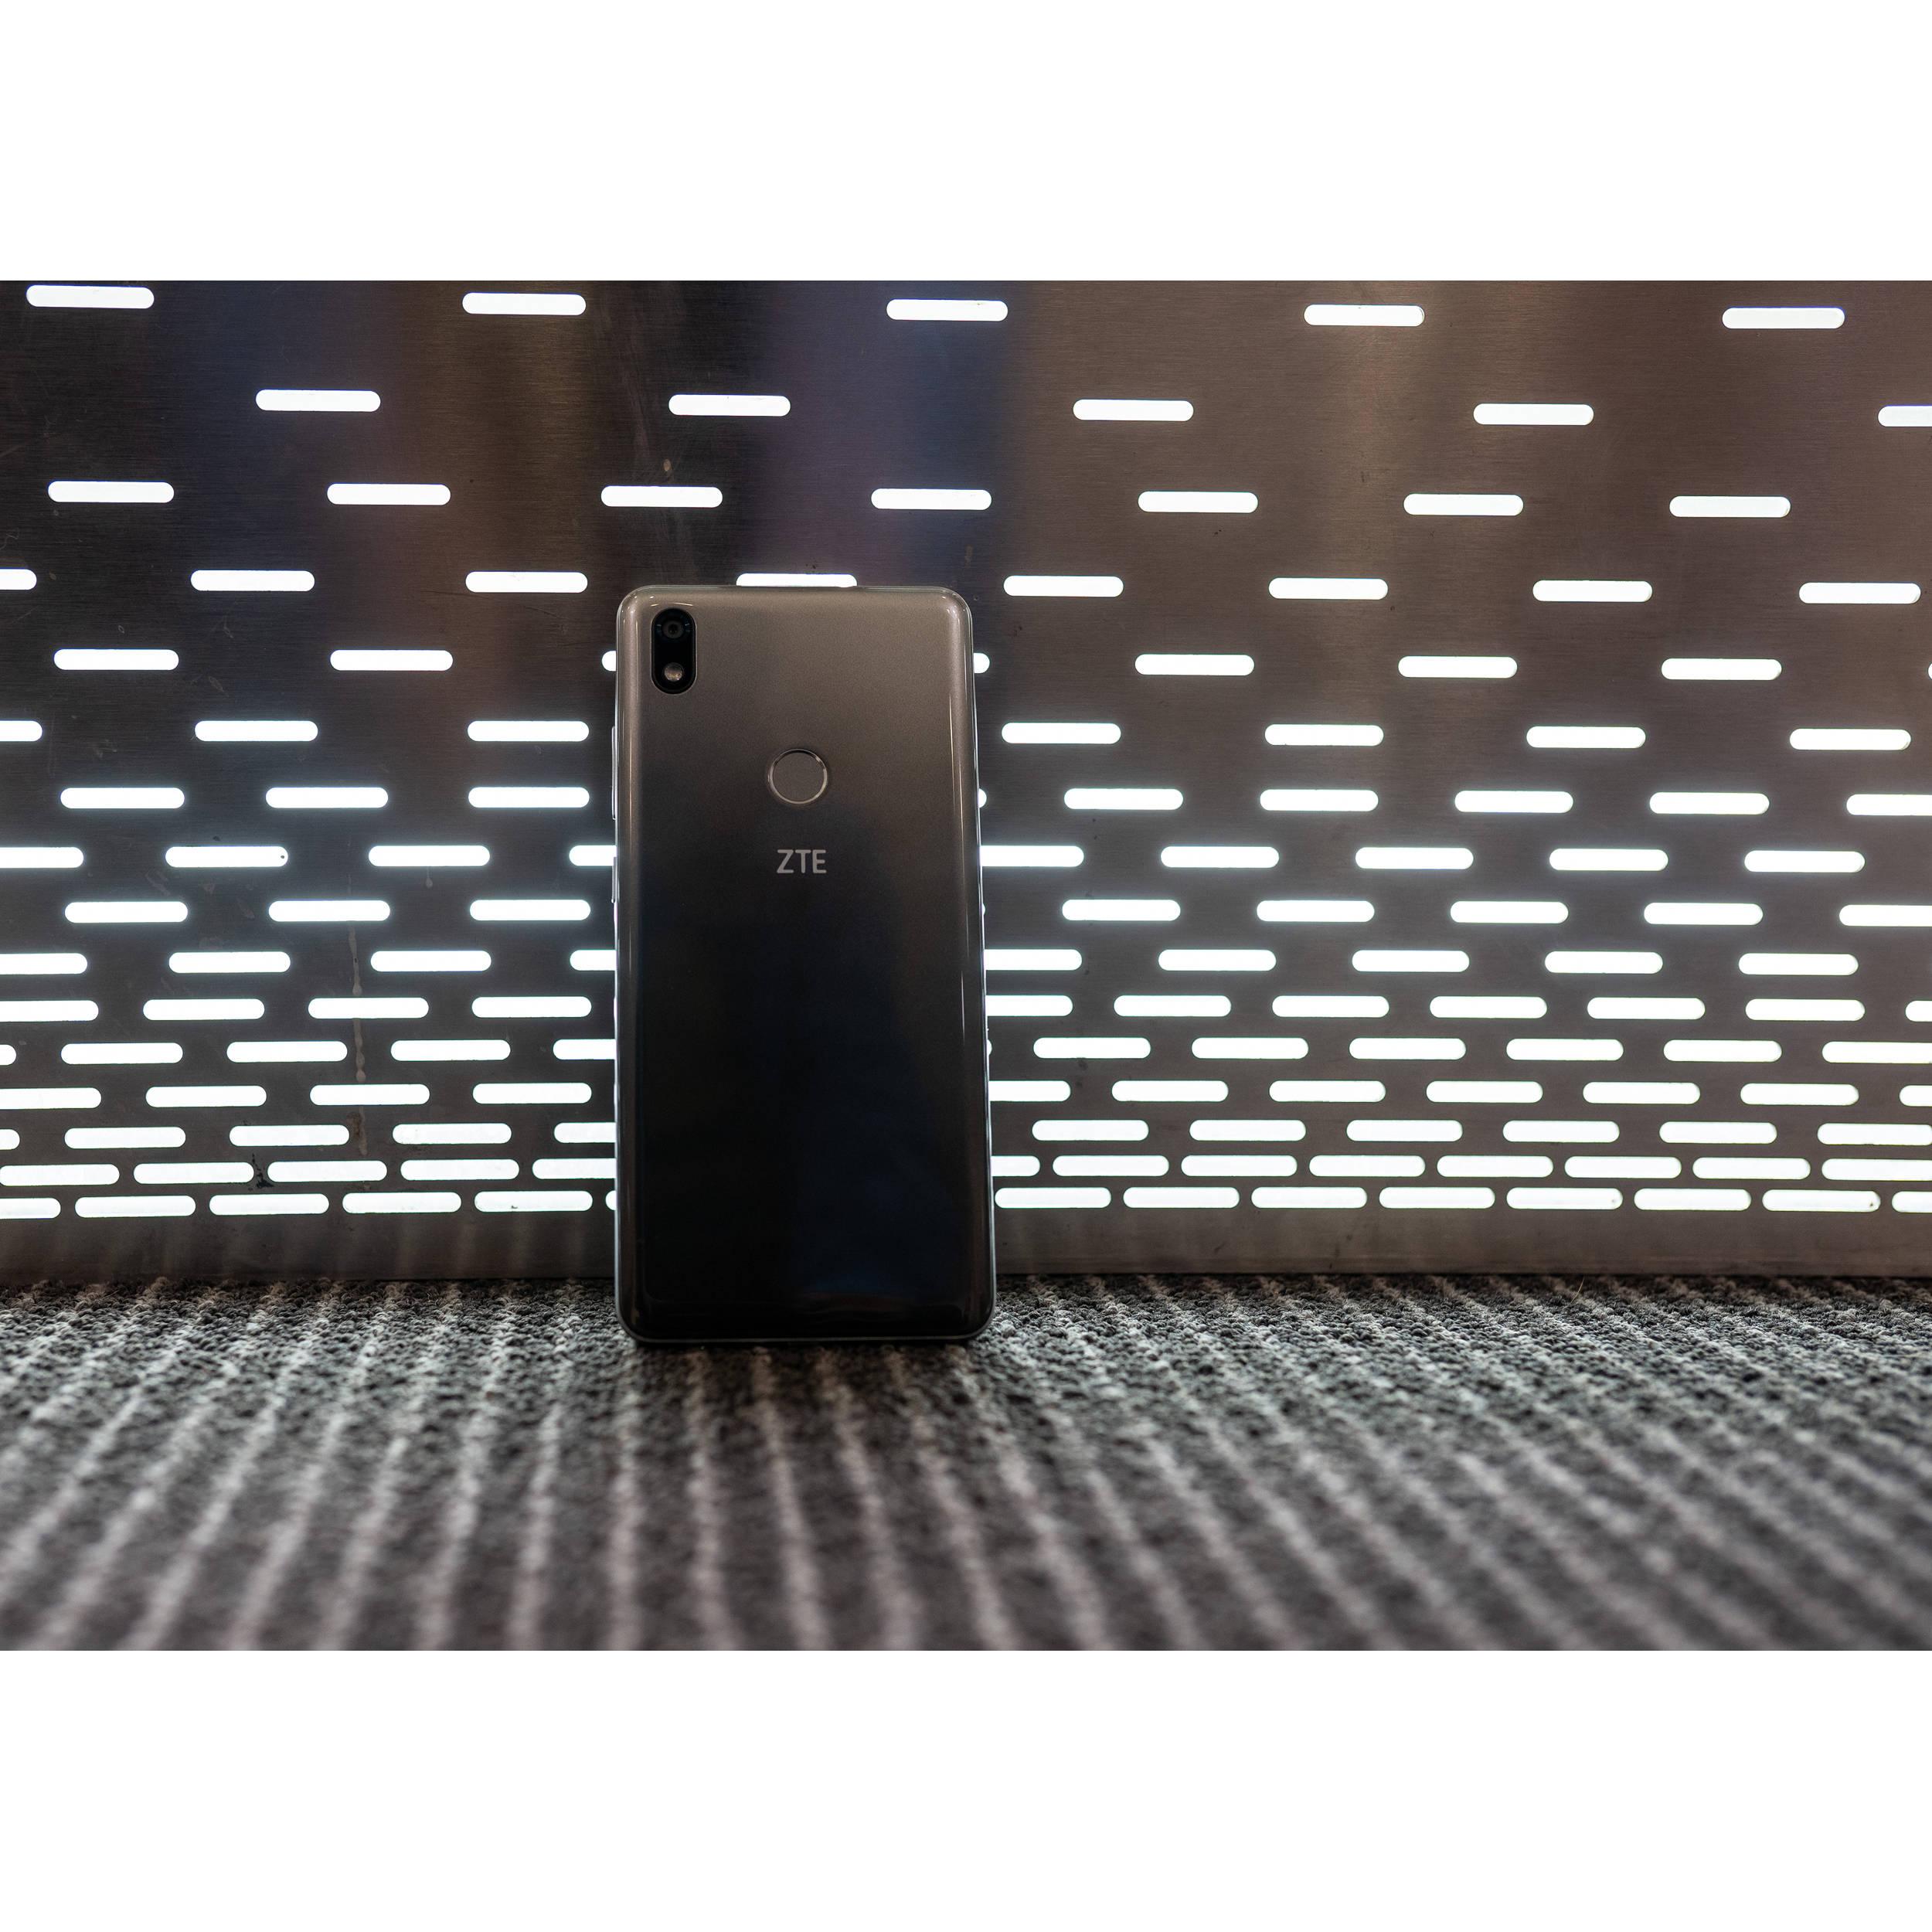 ZTE Blade MAX 2s 32GB Smartphone (Unlocked)